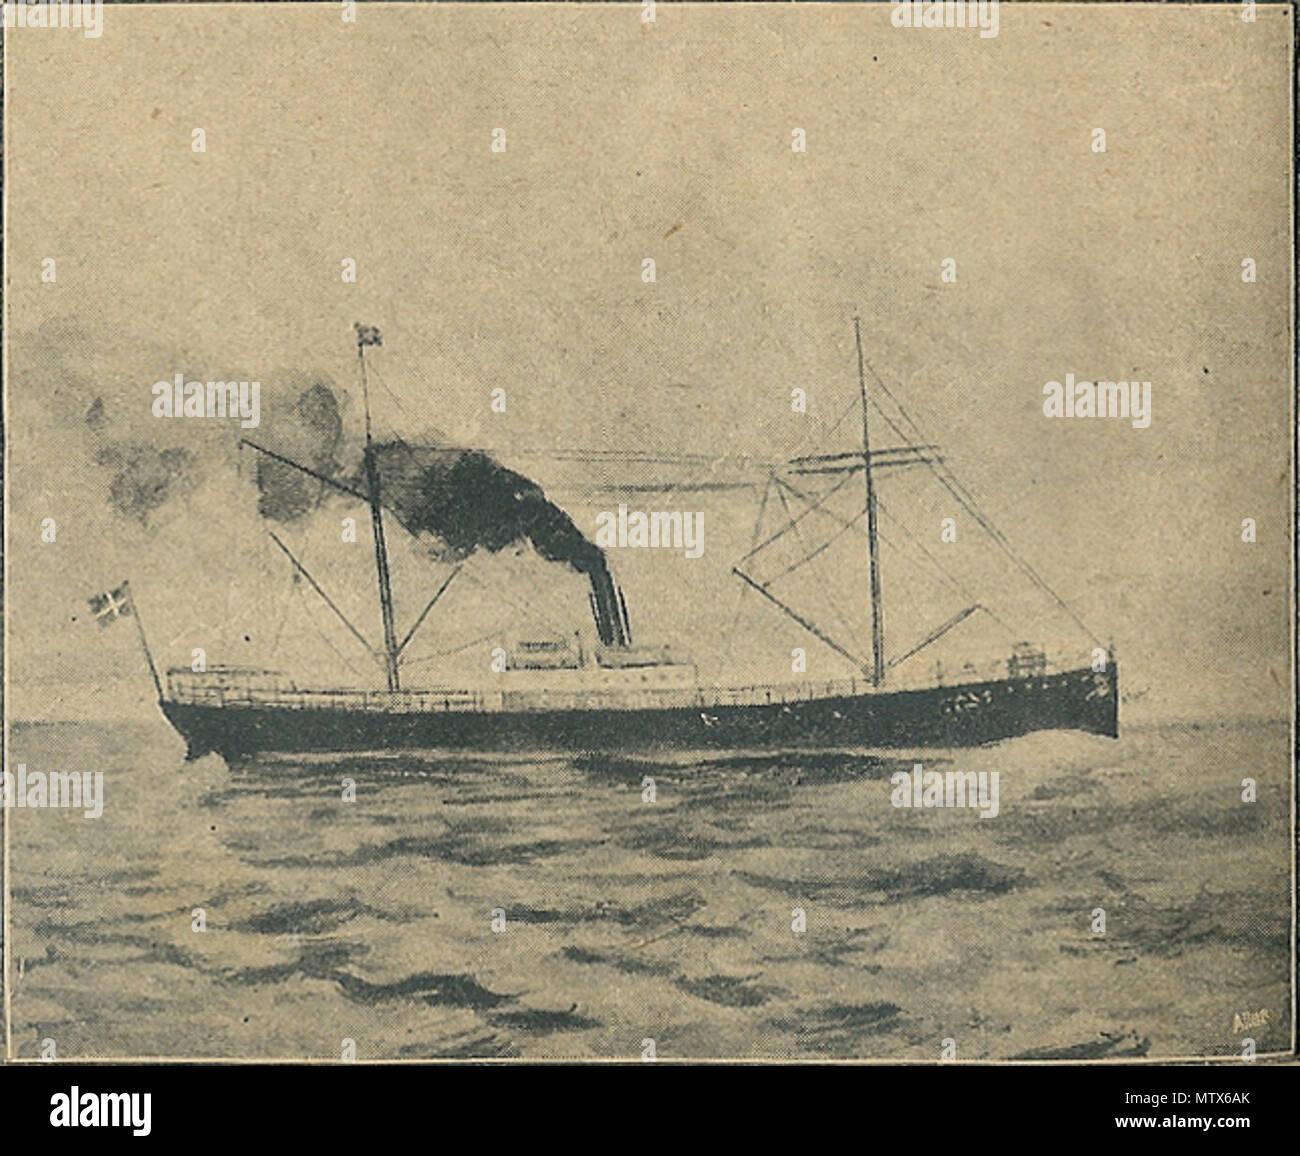 . «Damperen Chr. Broberg' de 'De' Paris. Den var på vej hjem med stykgods Middelhavshavne fra forskellige da den danske volet d''Maryland' stødte kvartmil 35 mine på en Galopernes fyrskib fra d. 21. août 1914. 'Chr. Sejlede Broberg' til derhen pour mandskabet hjælp til at komme da dette skib stødte også på en mine. Mandskabet bortset Hele, fra 2. maskinmester Jensen som omkom, j'redningsbådene nåede forsvandt dybet j'inden skibet. . Utilisateurs reproduction d'une œuvre d'art expiré 151 Damperen Broberg Chr Photo Stock